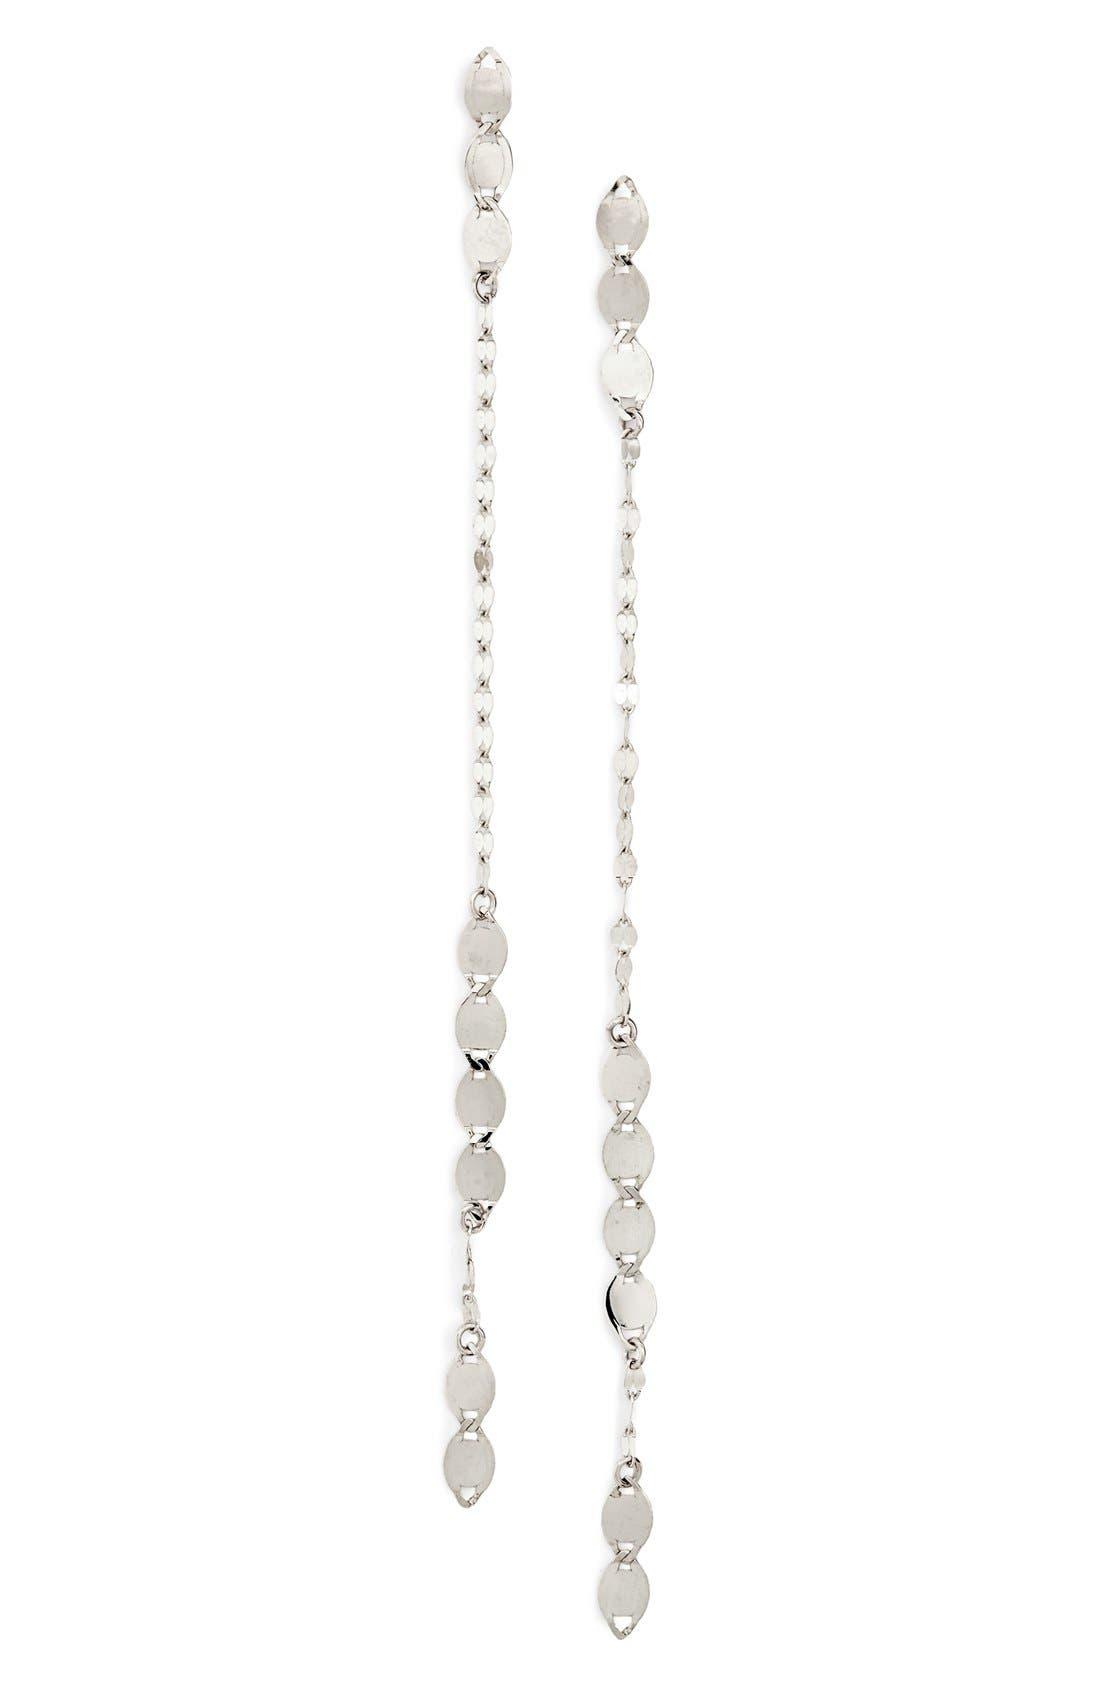 Main Image - Lana Jewelry Linear Drop Earrings